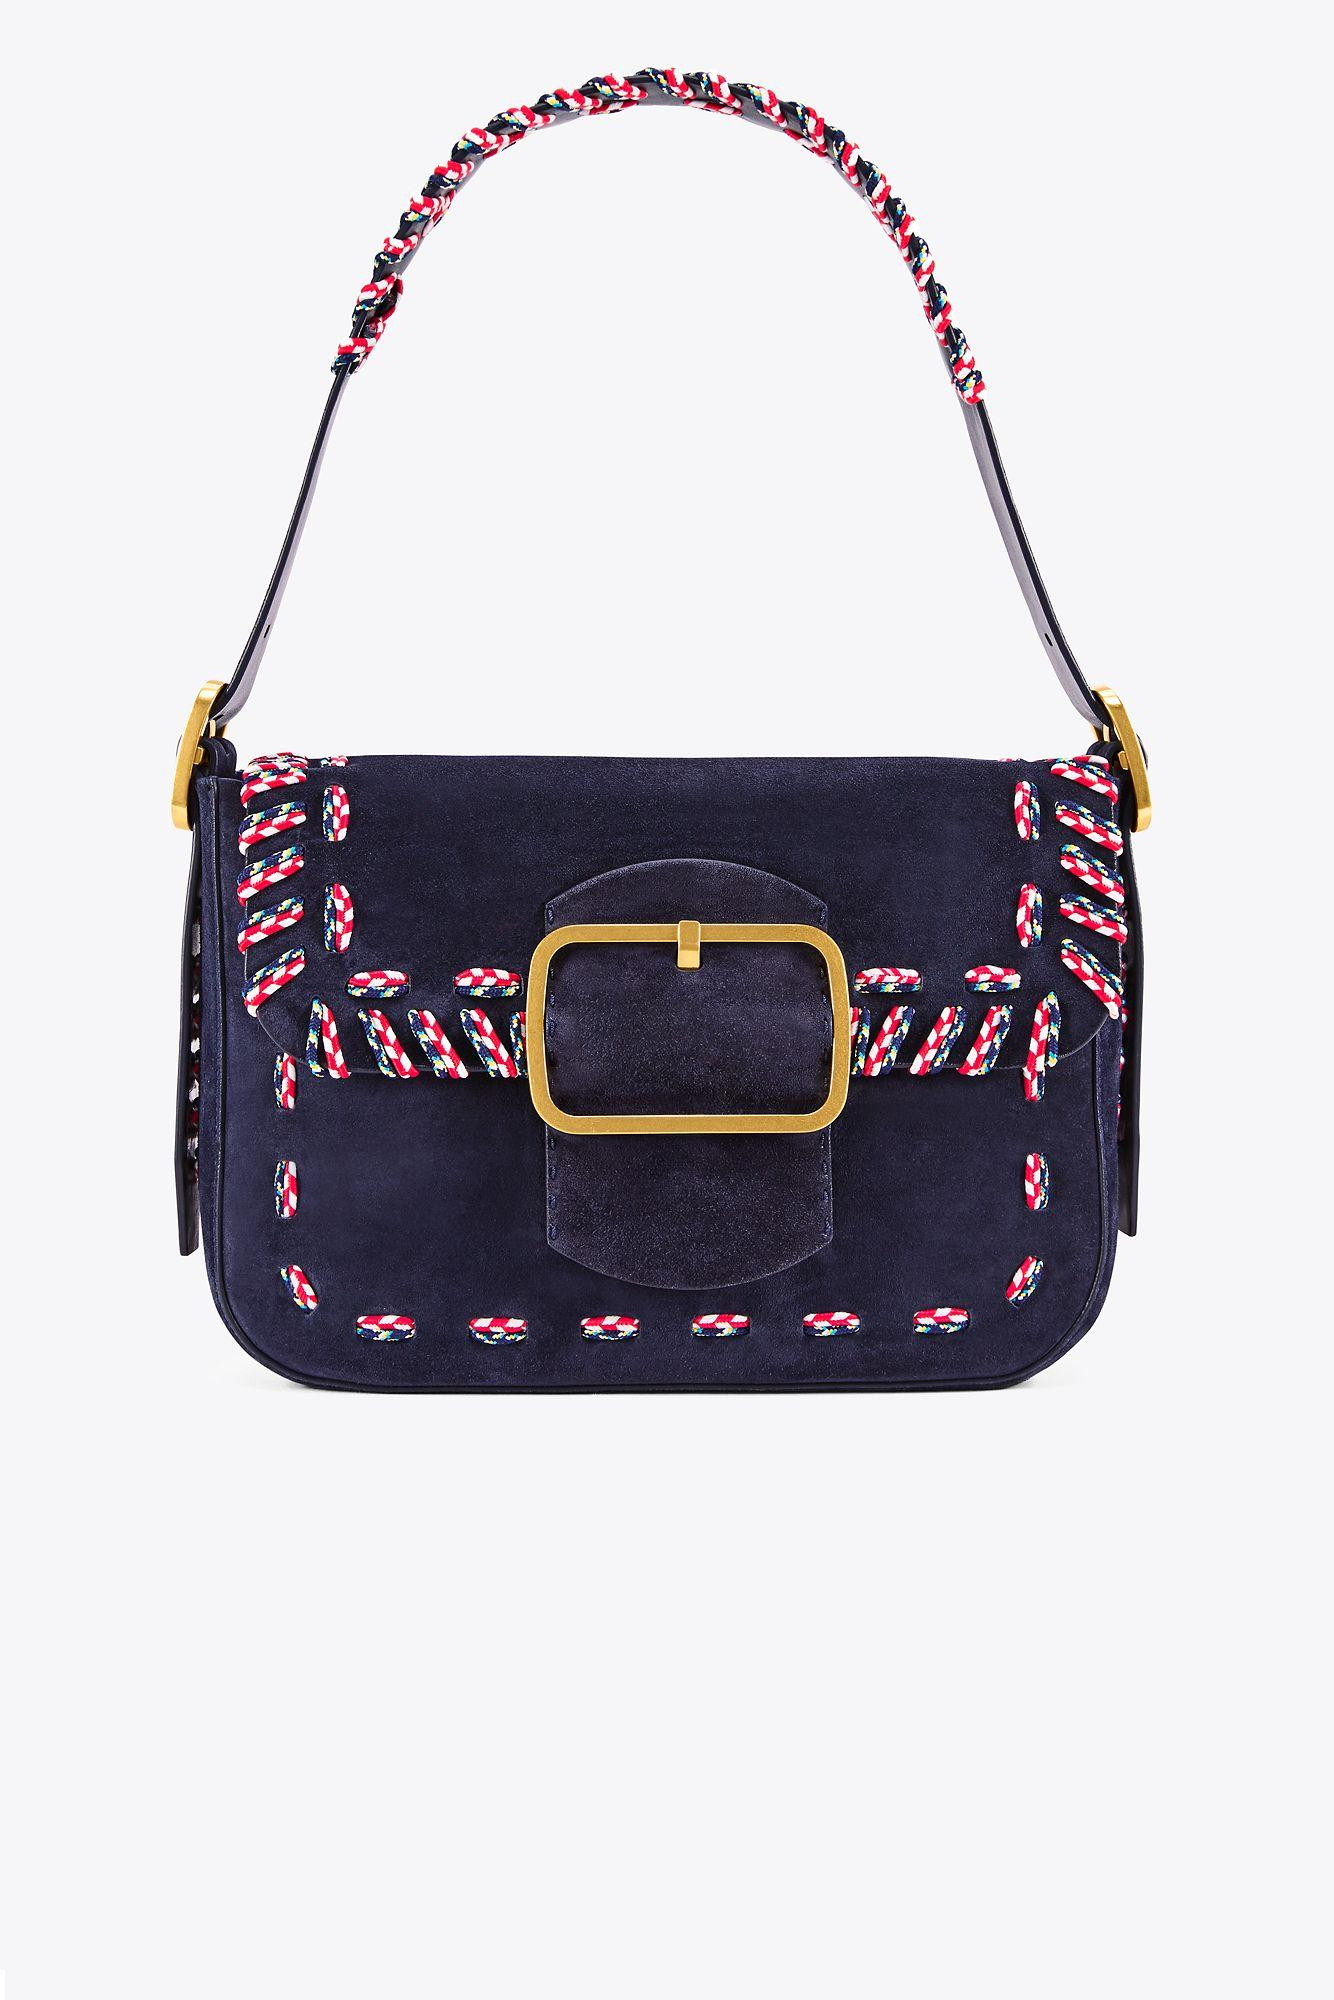 3a8b2182abaa Lyst - Tory Burch Sawyer Stitch Shoulder Bag